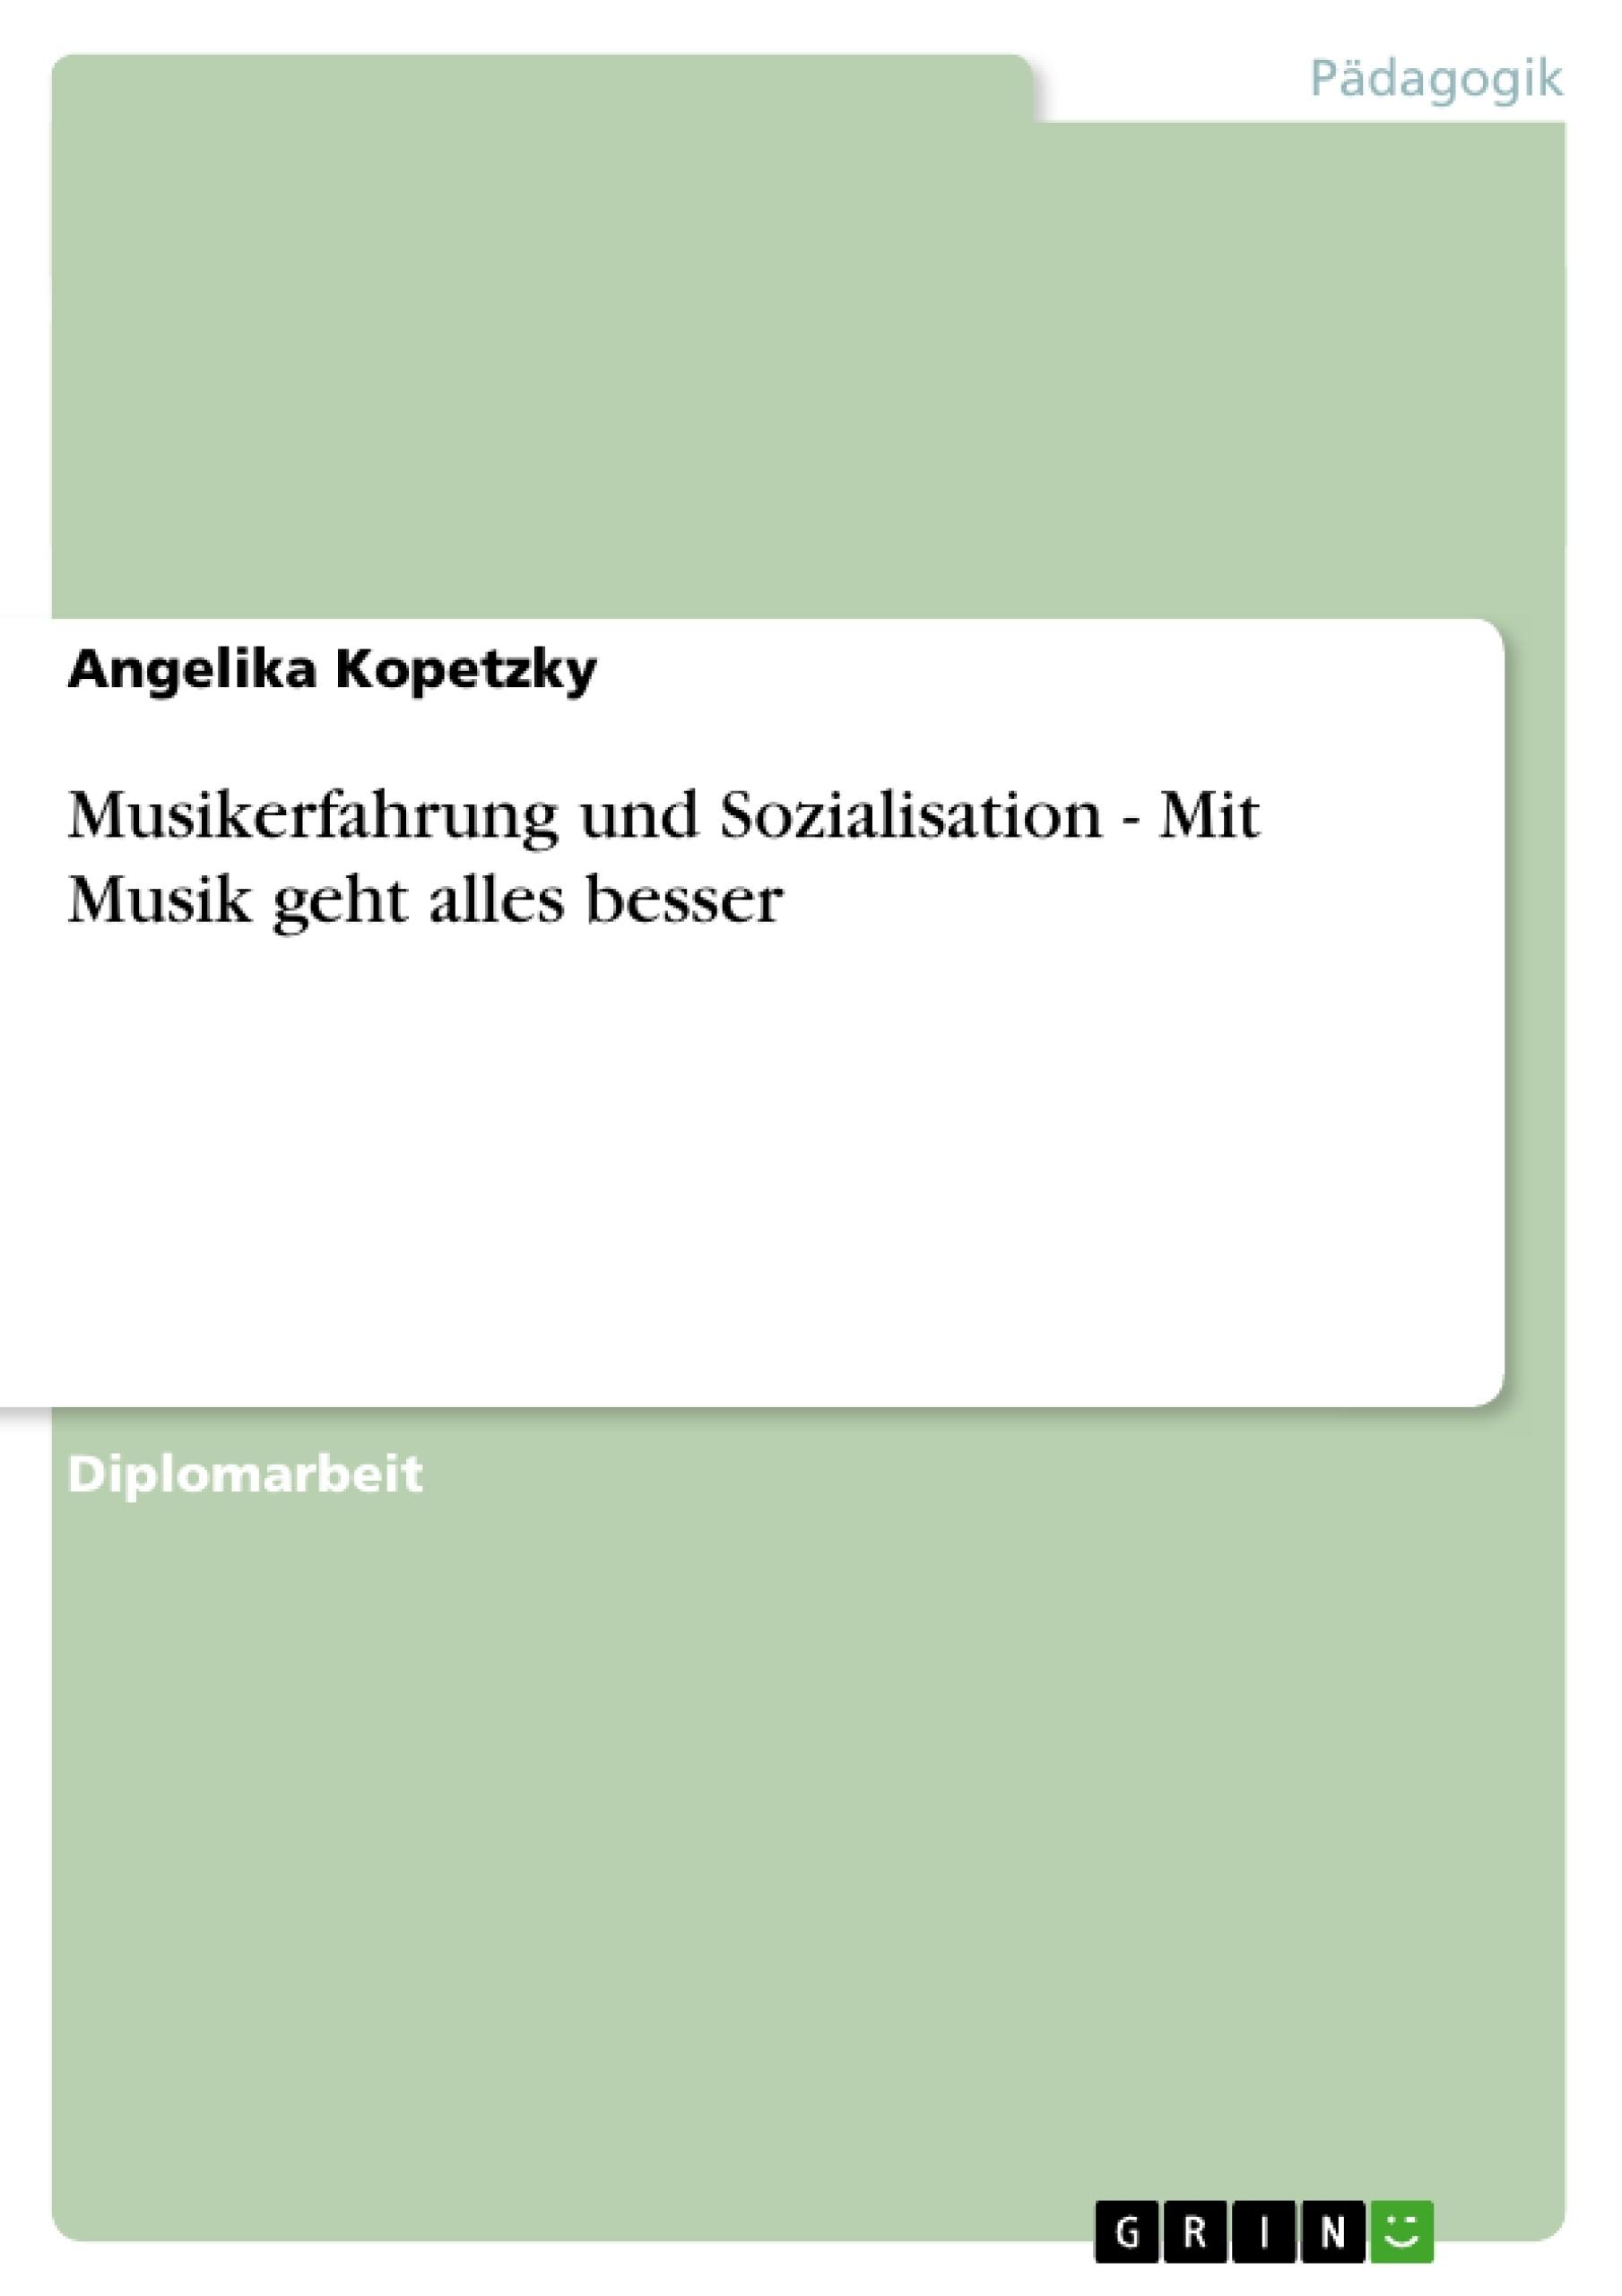 Titel: Musikerfahrung und Sozialisation - Mit Musik geht alles besser